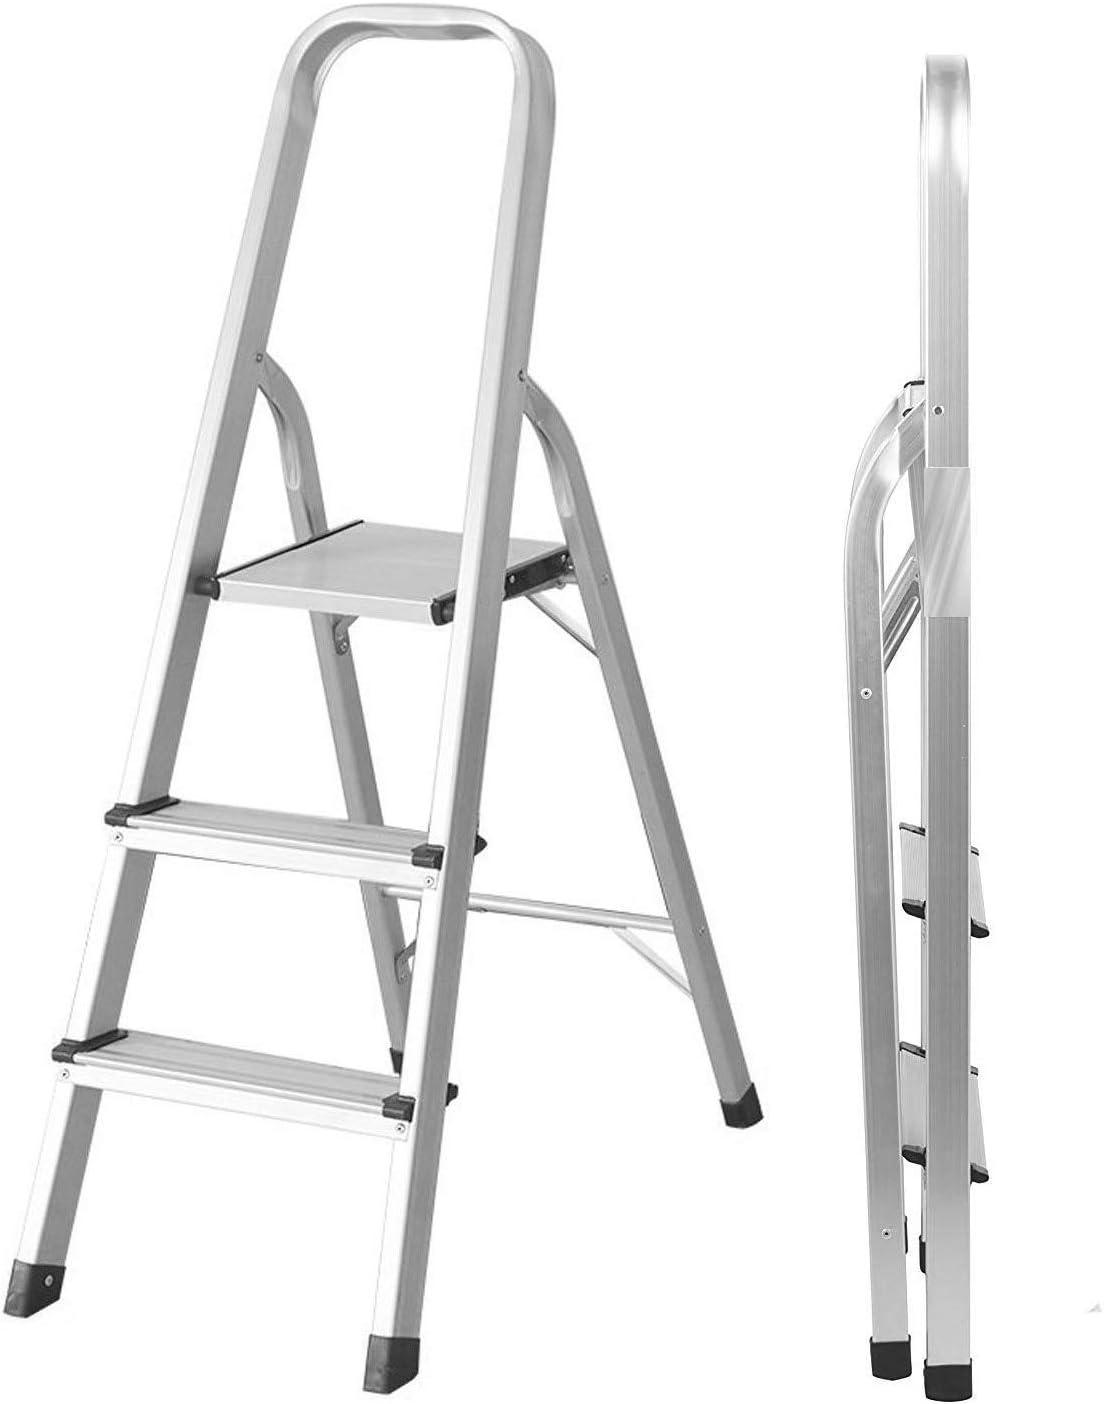 Escalera de 3 peldaños – Escalera portátil plegable de aluminio para barandilla, resistente, con bandeja de goma antideslizante multifunción, peso ligero, carga de 150 kg, fácil de guardar, plateado: Amazon.es: Bricolaje y herramientas